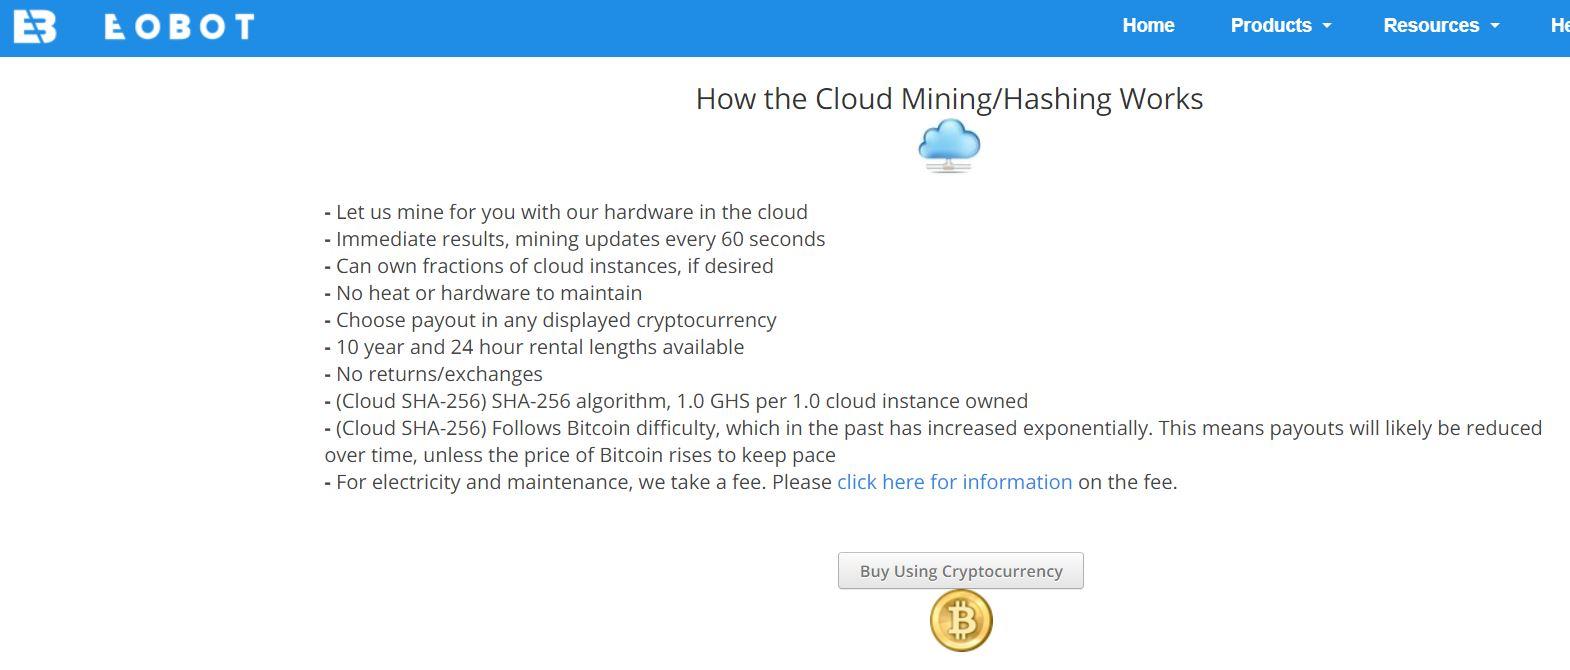 Скрин главной страницы сервиса облачного майнинга Eobot